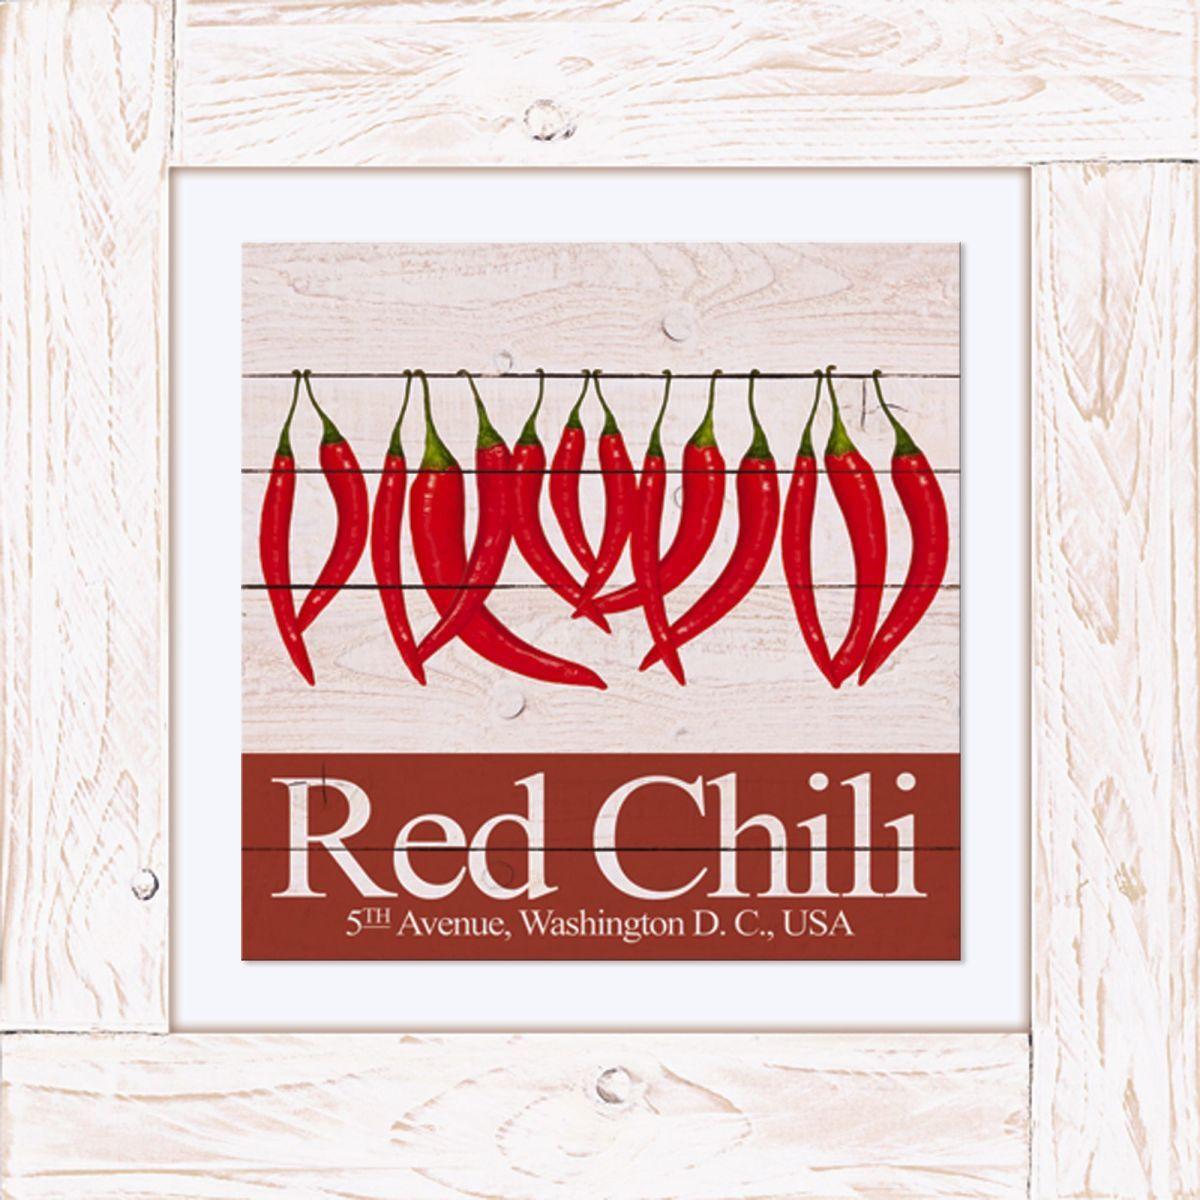 Chili Bilder bild rote chili jetzt bestellen unter https moebel ladendirekt de